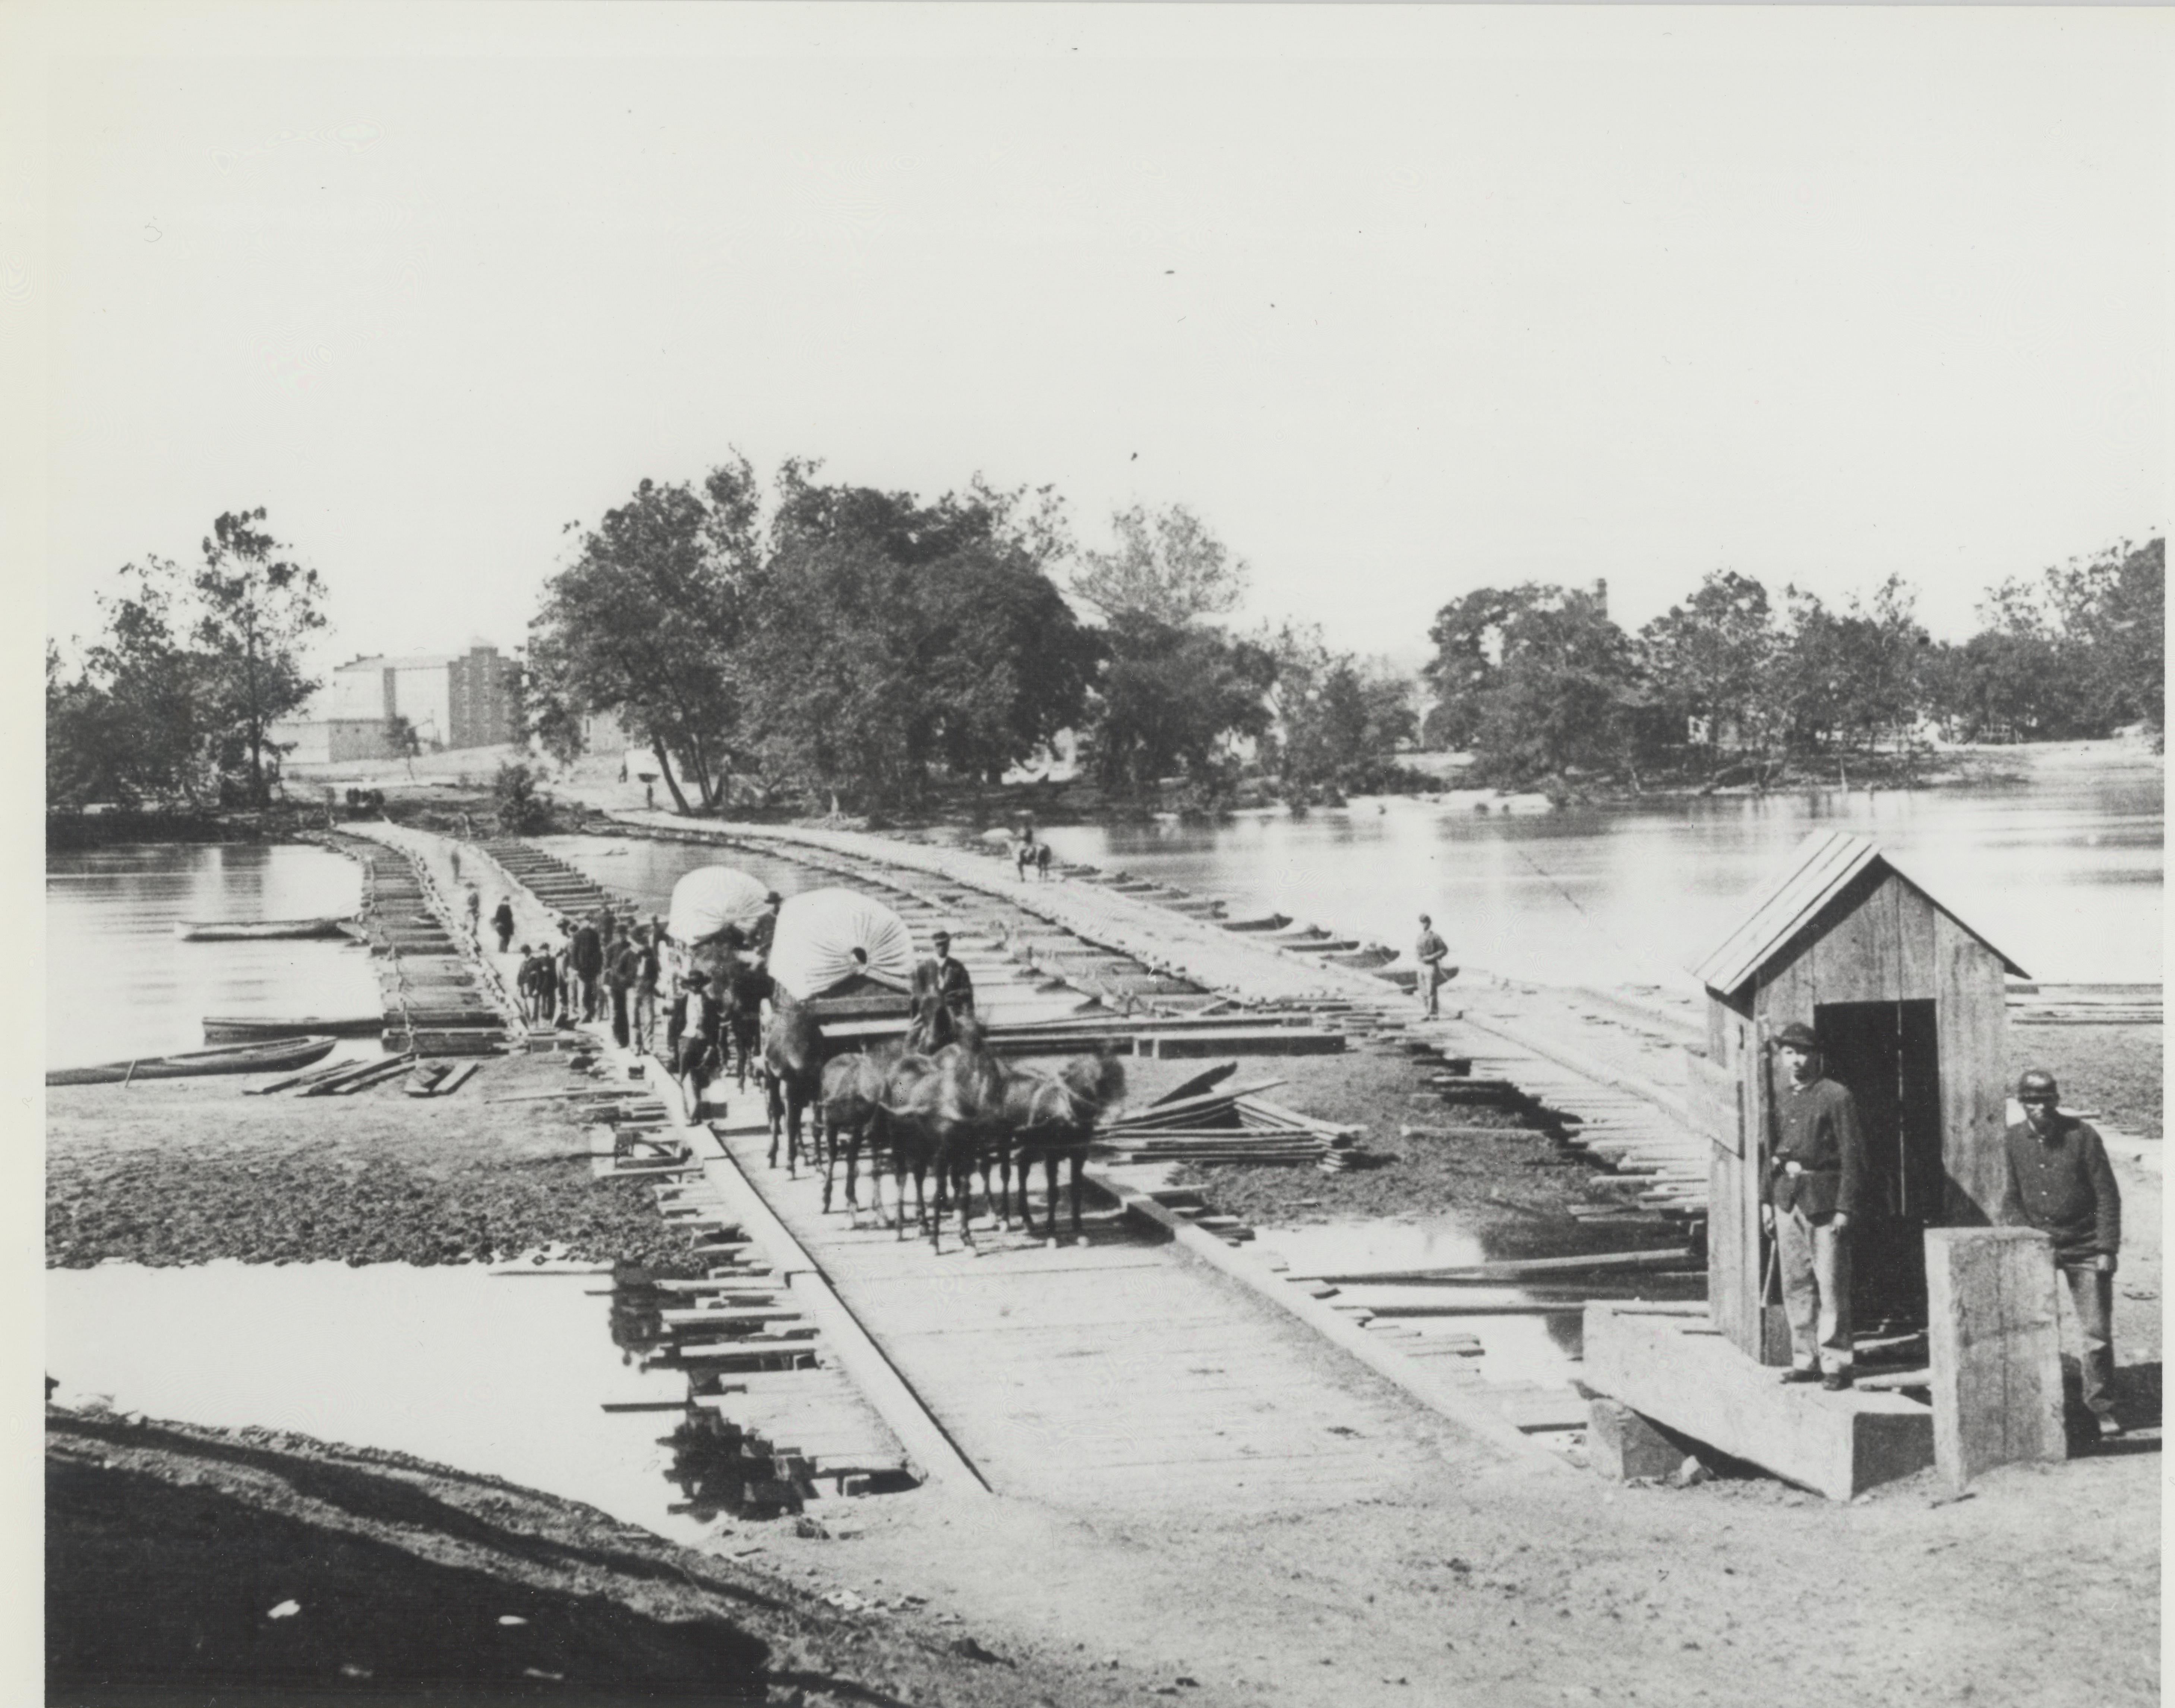 Ponton Bridge on the James